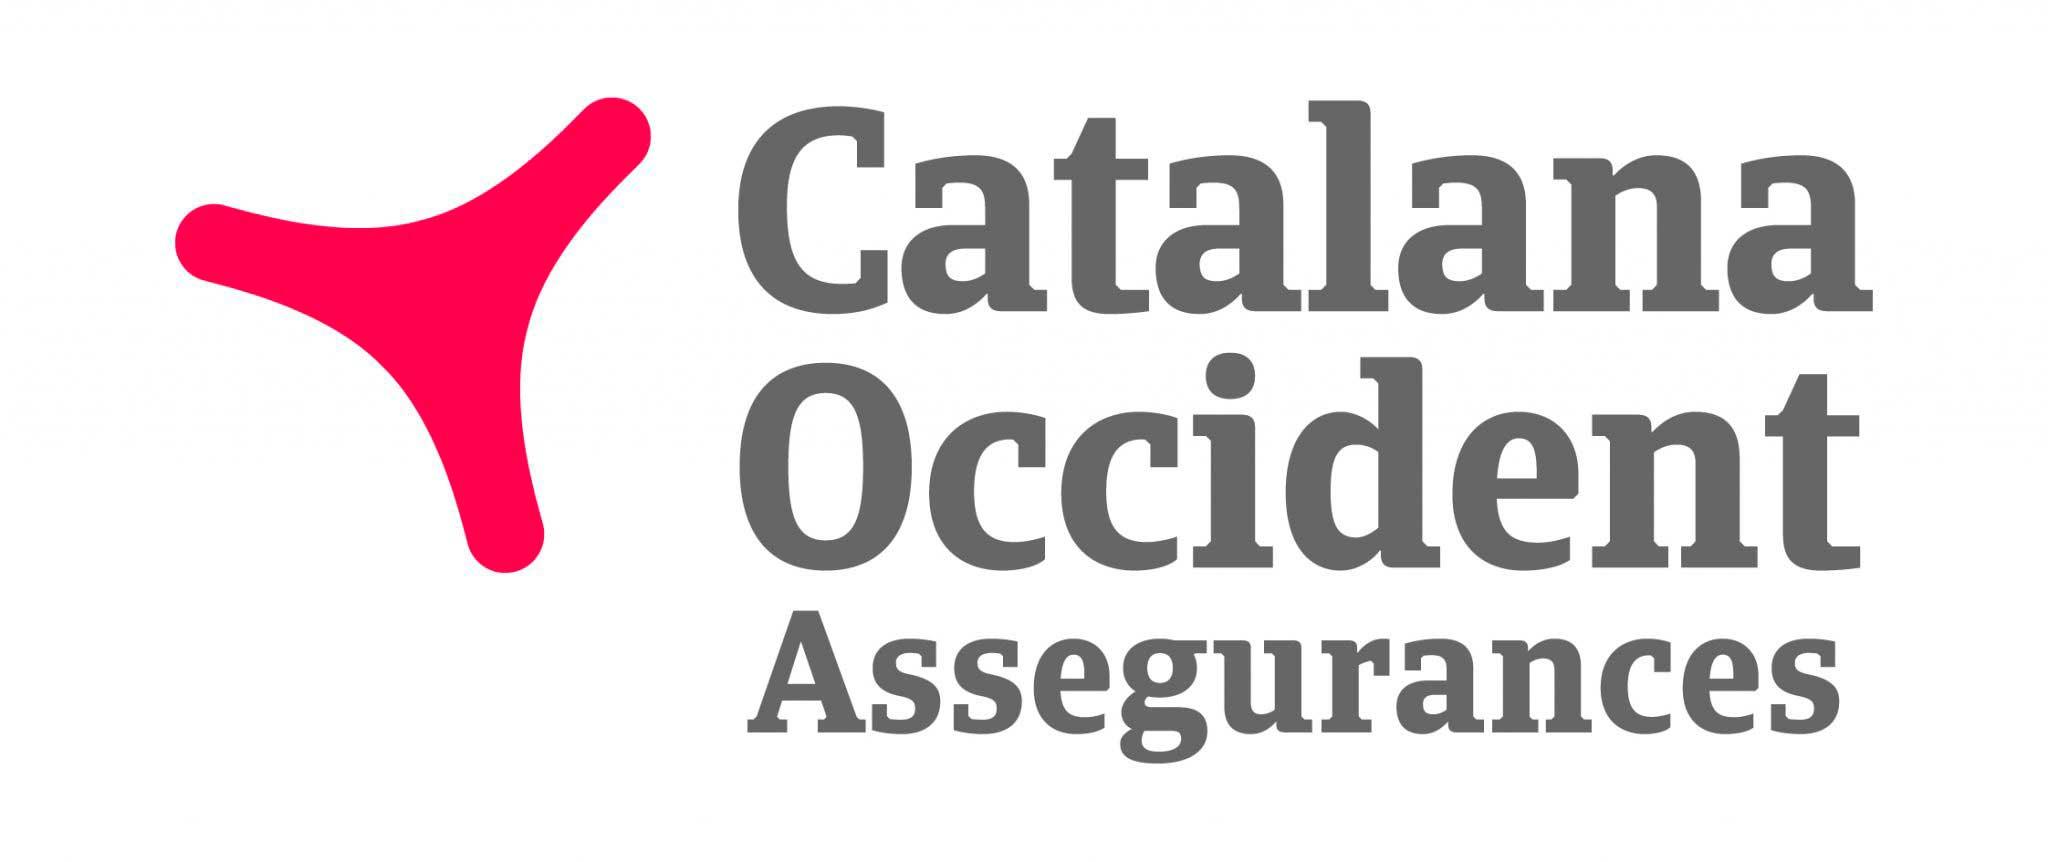 Catalana Occidente descompte pel Sindicat Reformista de Treballadors